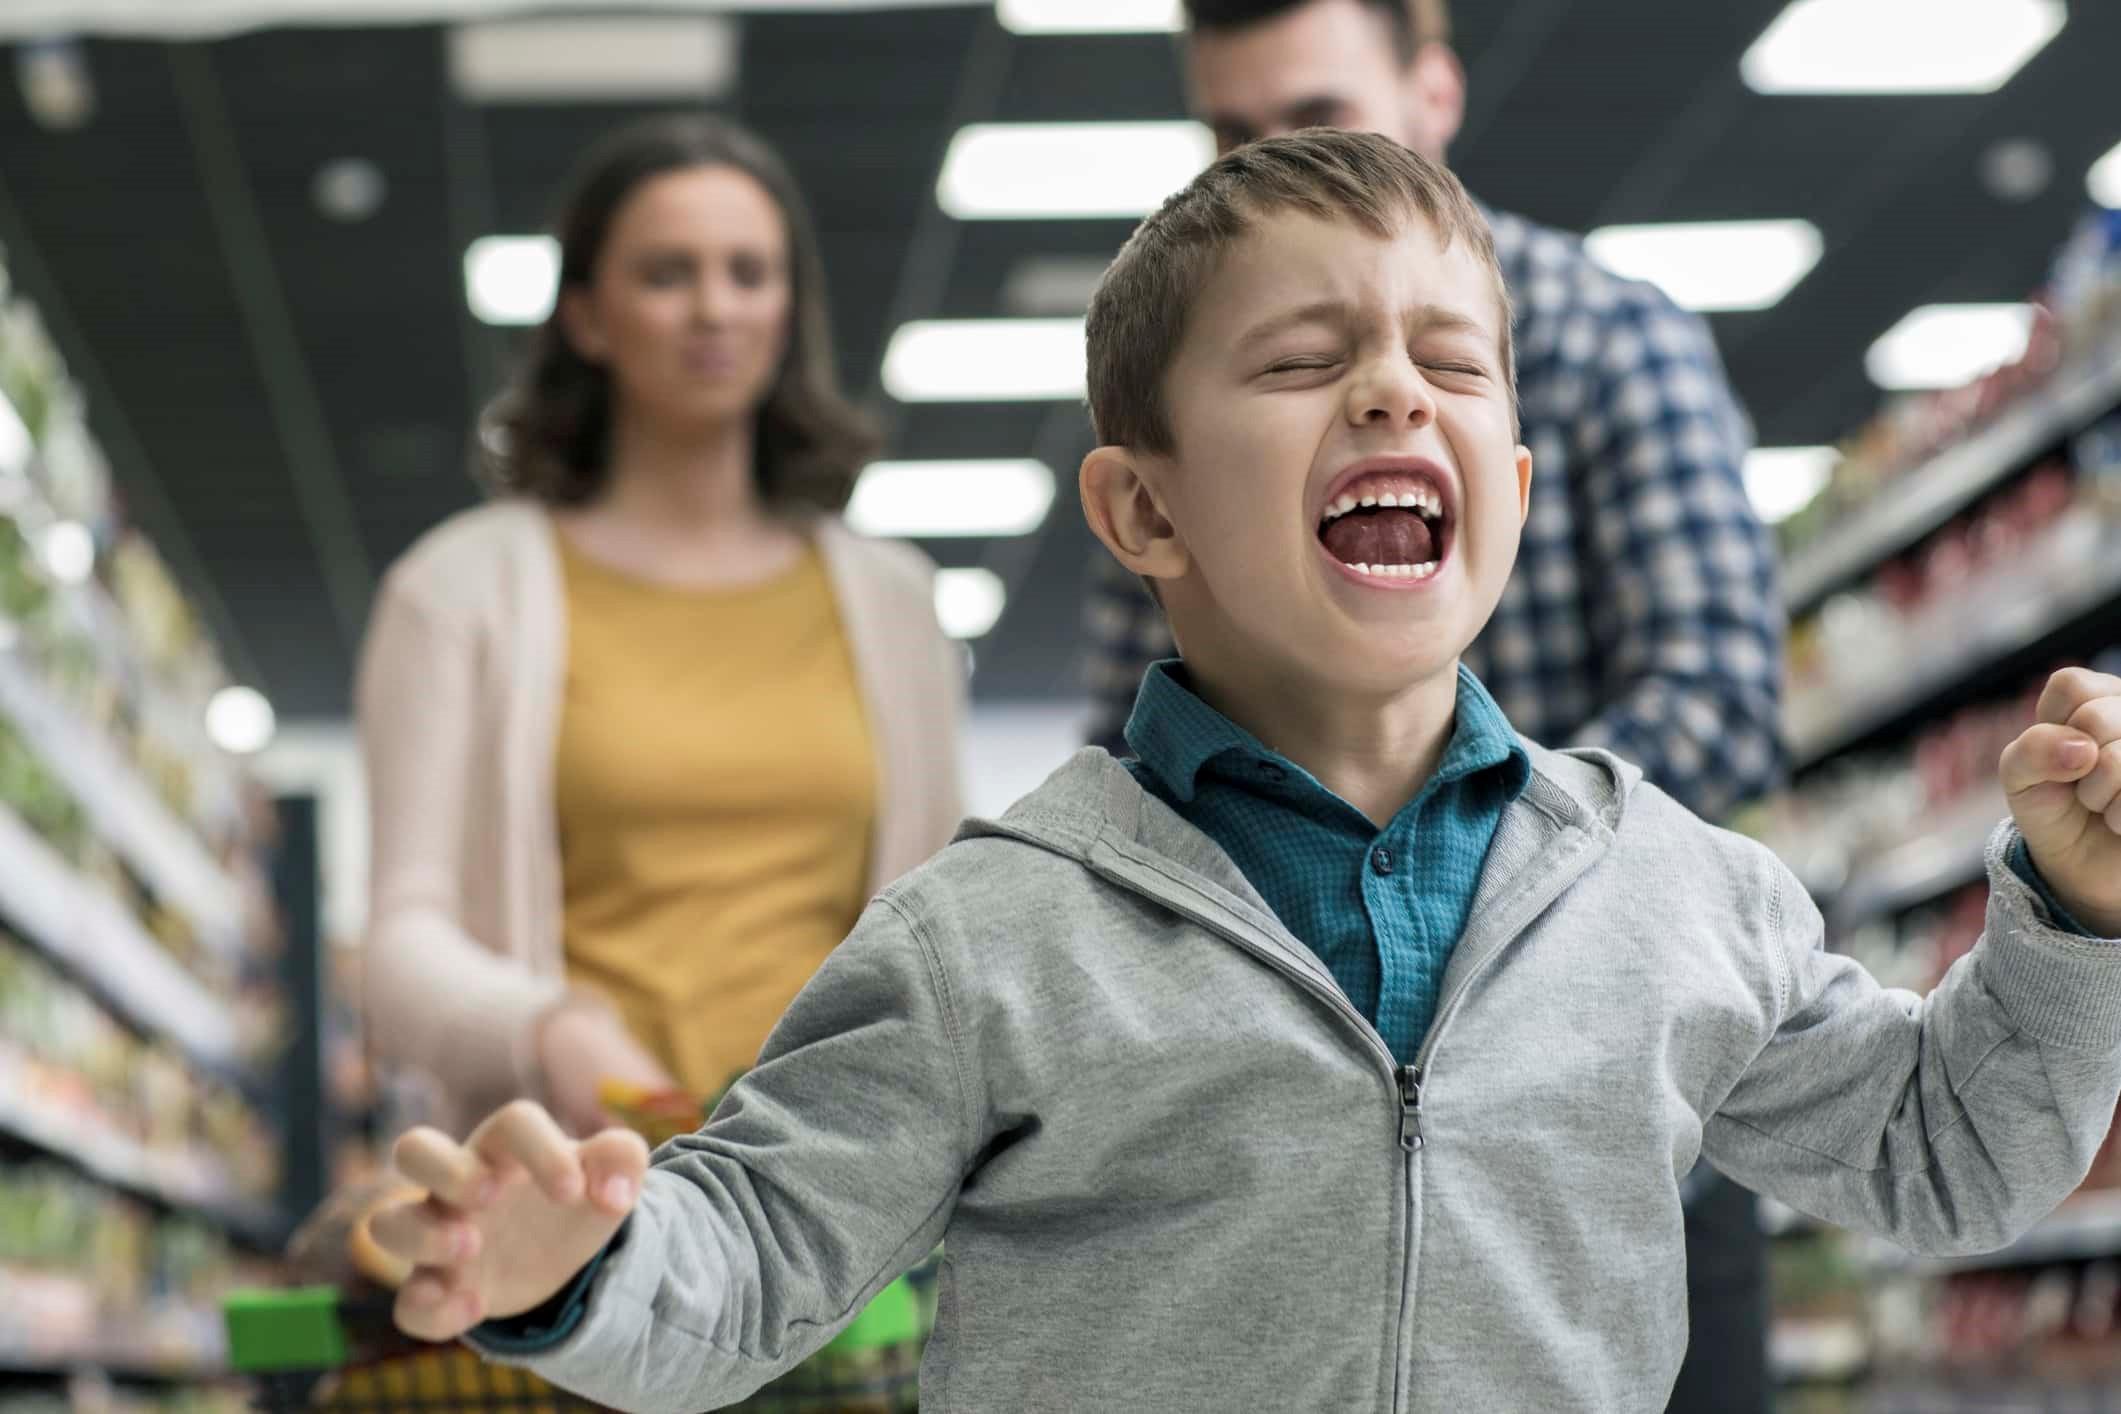 Должны ли родители оплачивать сломанный ребенком товар в магазине